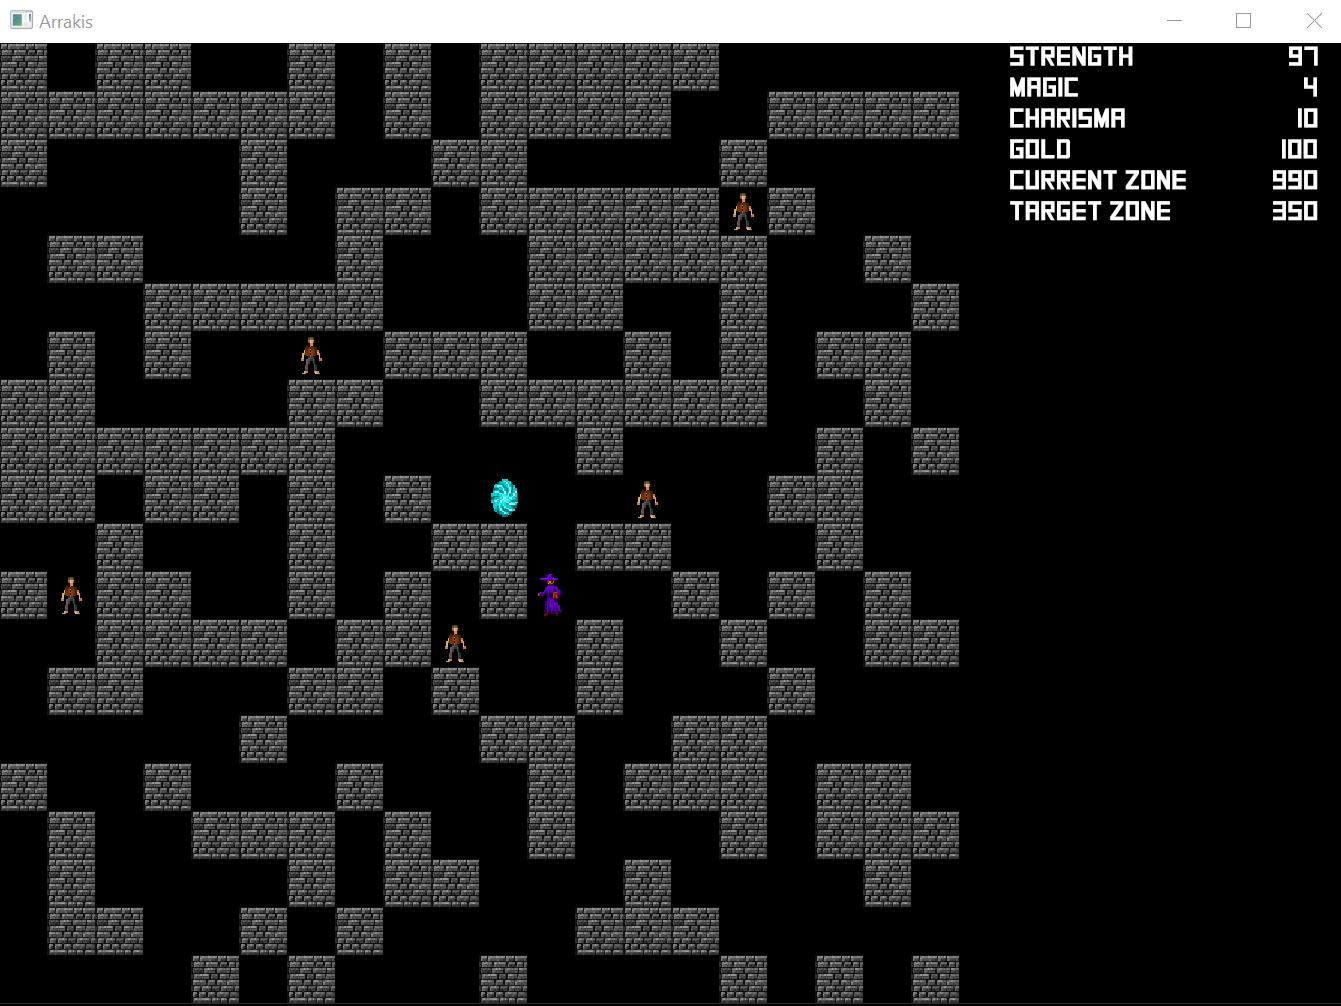 Arrakis screenshot